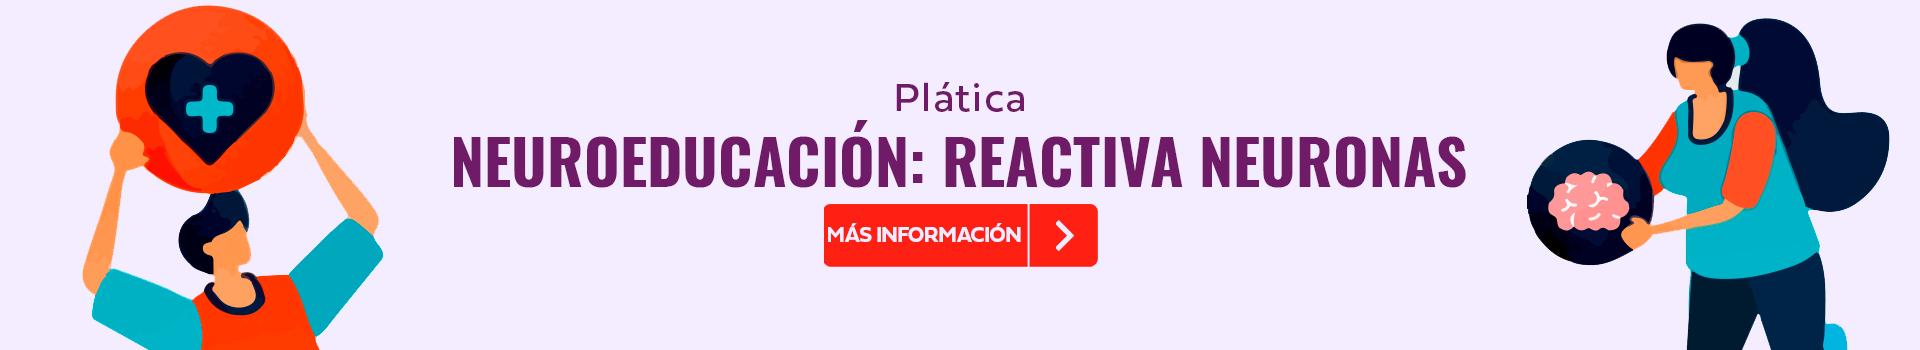 platica-neuroeducacion